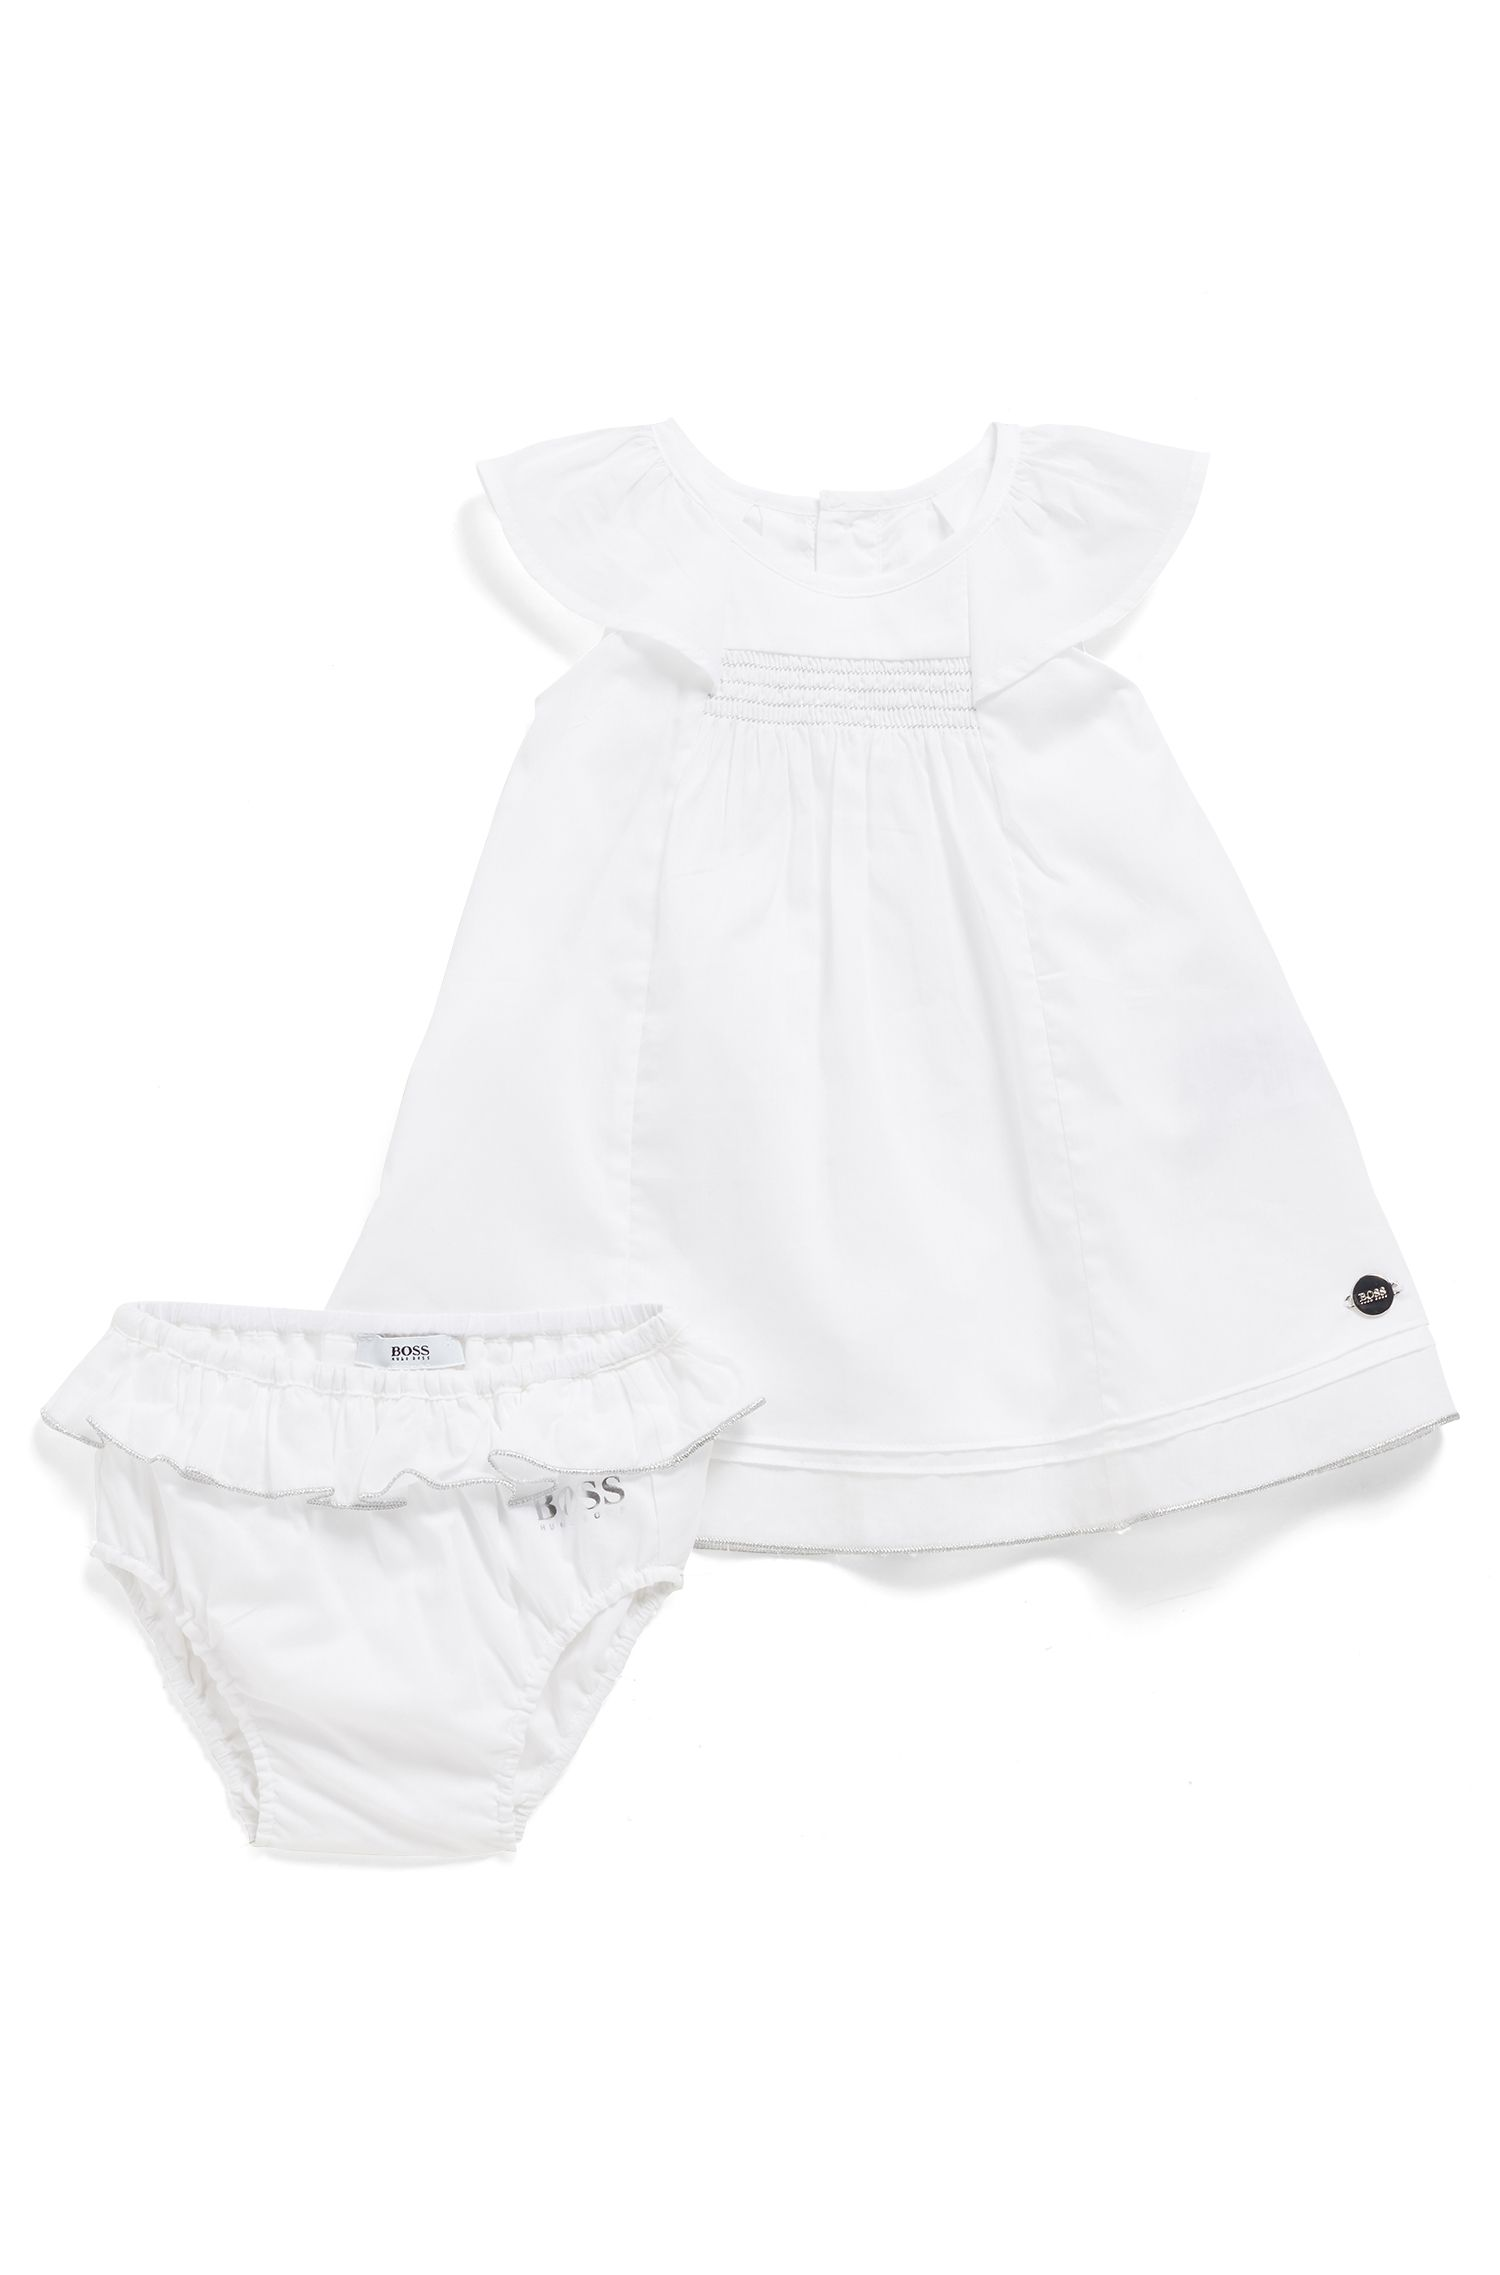 Vestito e culotte da neonata in cotone in confezione regalo, Bianco